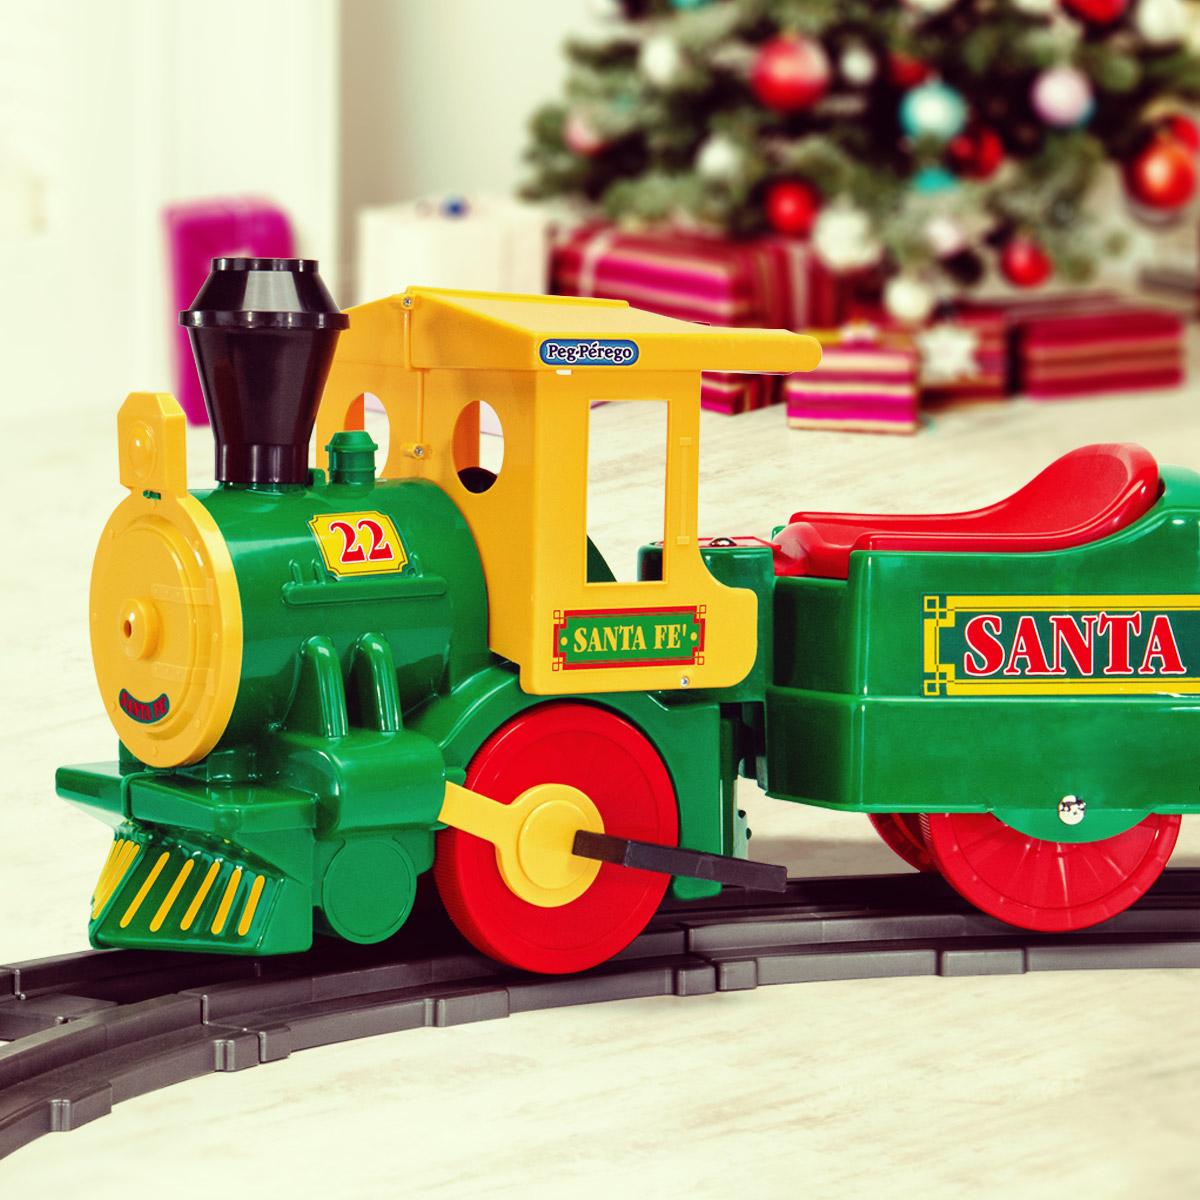 04_santa_fe_train